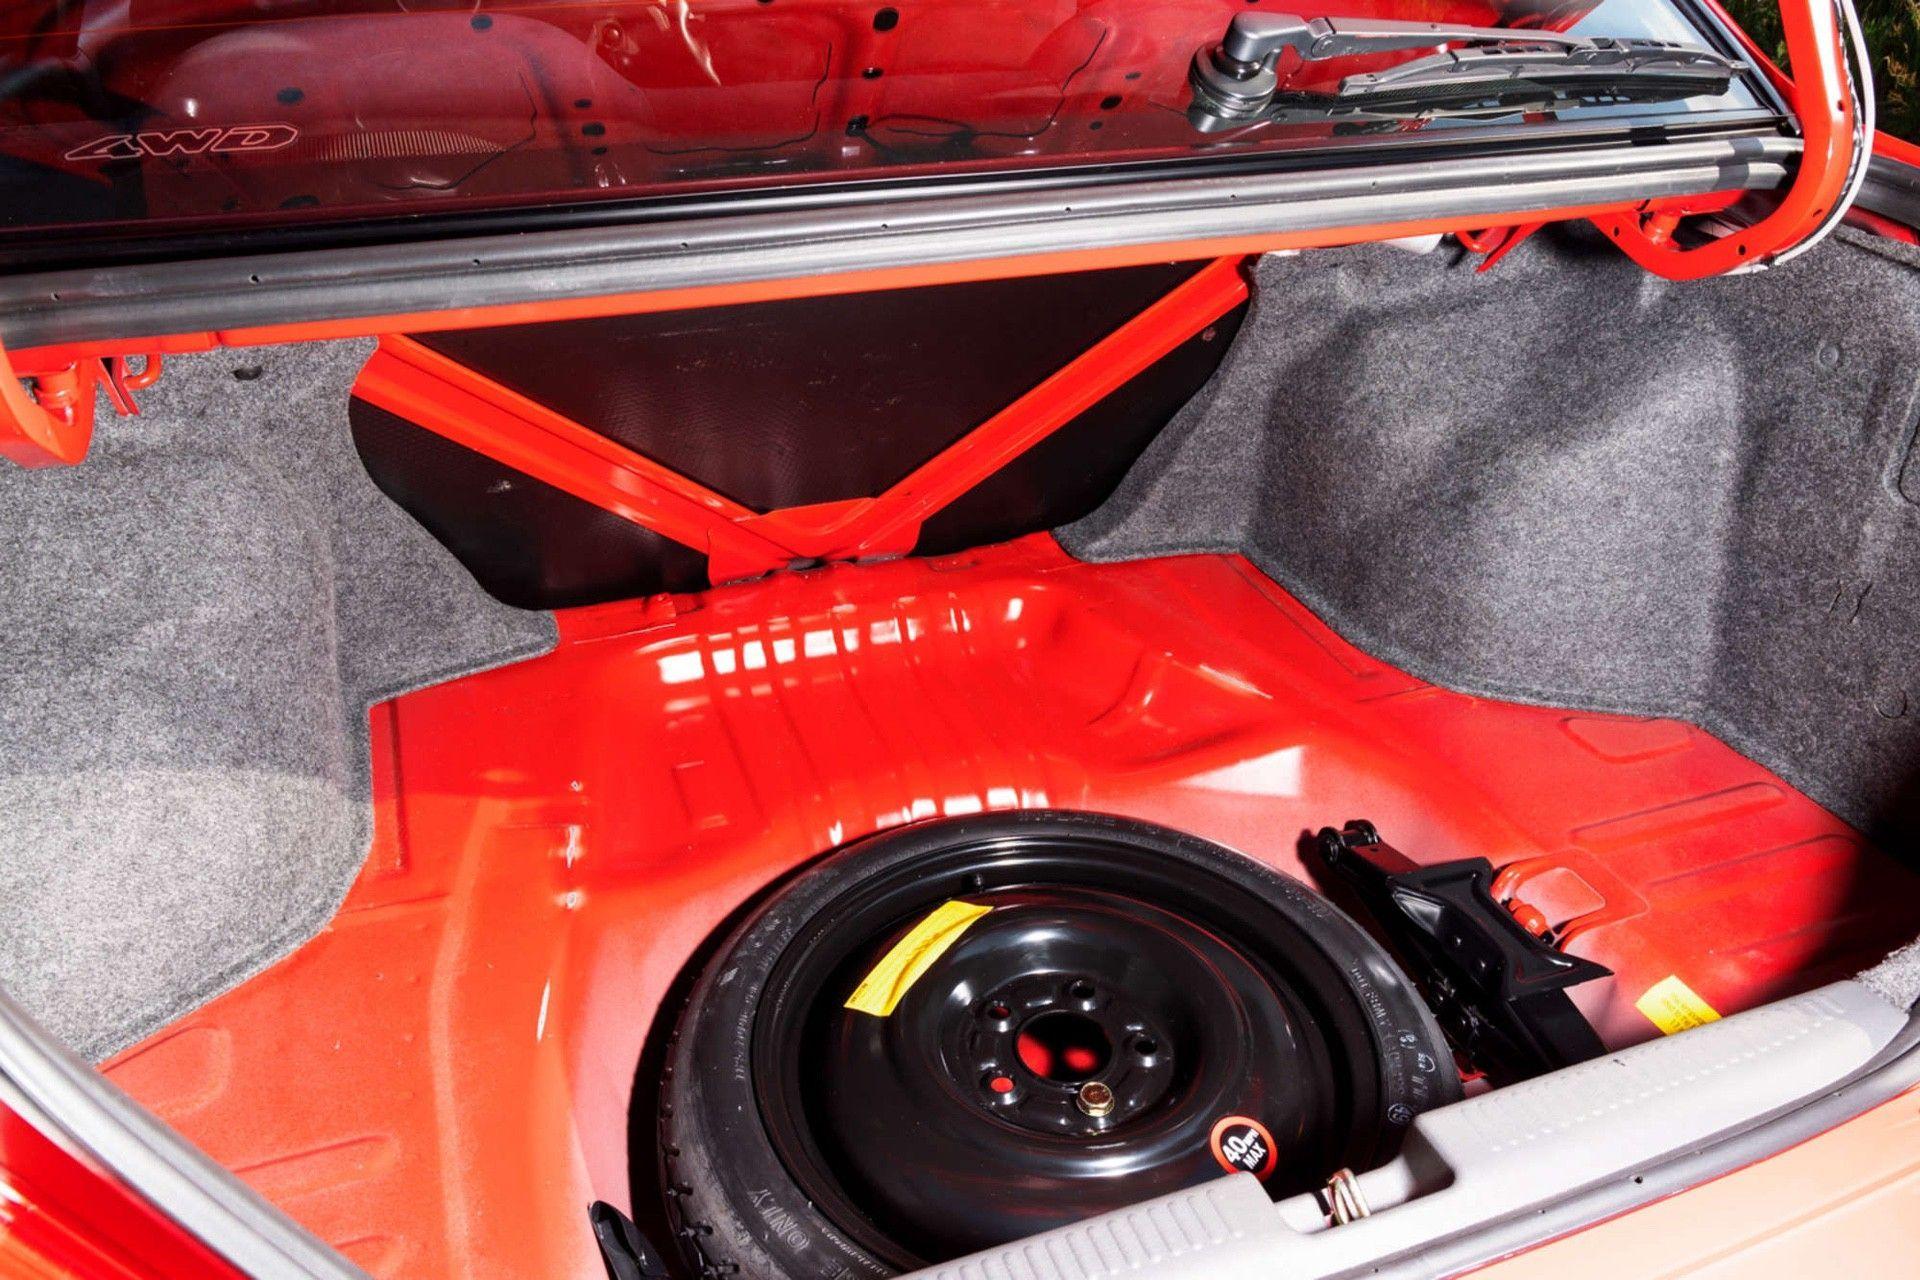 2000_Mitsubishi_Lancer_Evolution_VI_Tommi_Makinen_Edition_sale-0013